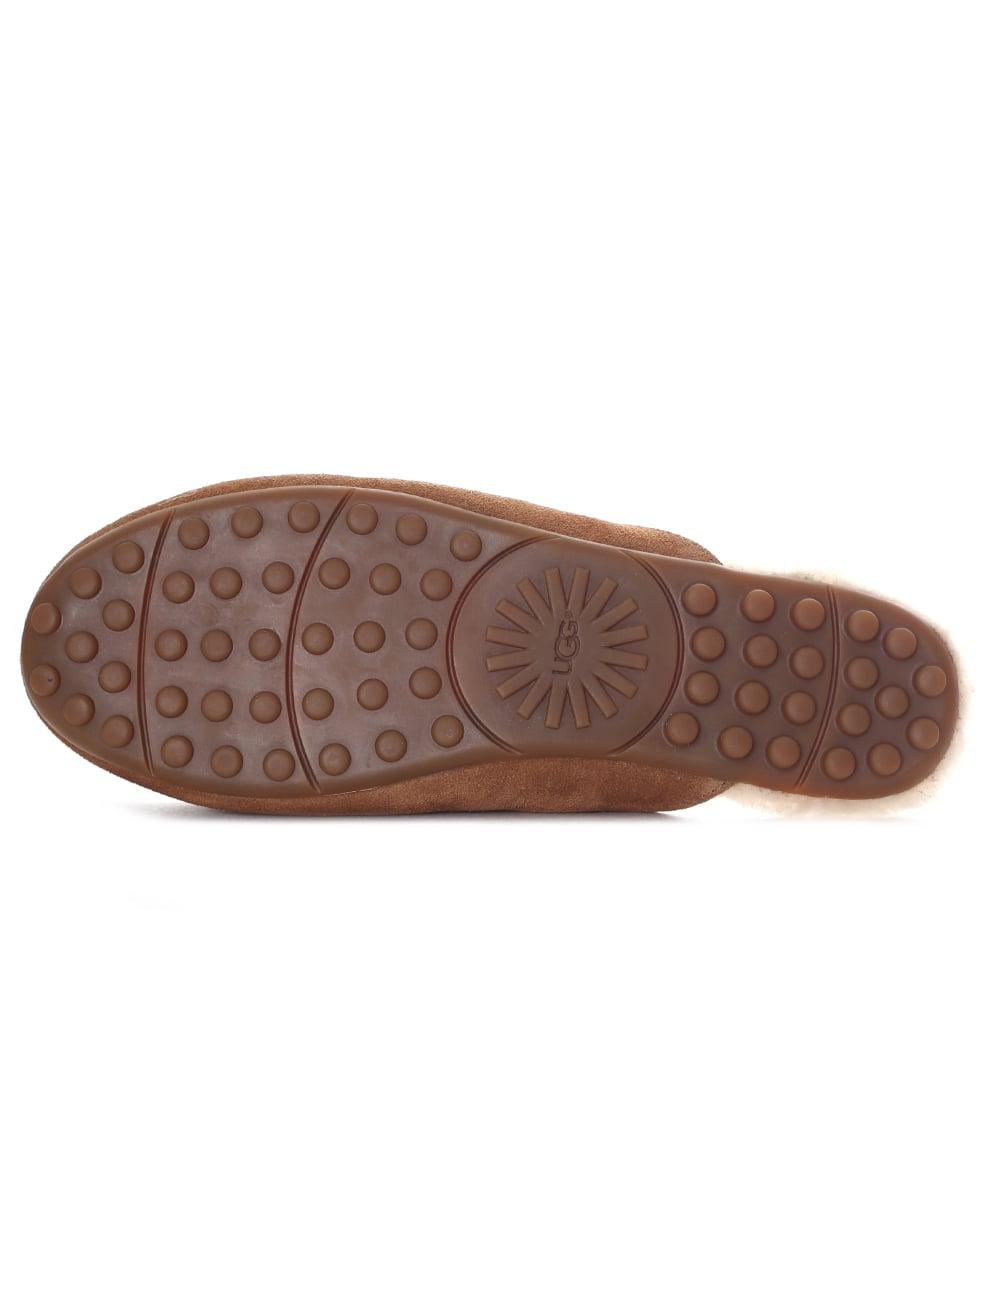 325f73e6147 UGG Women's Lane Slip-On Loafer